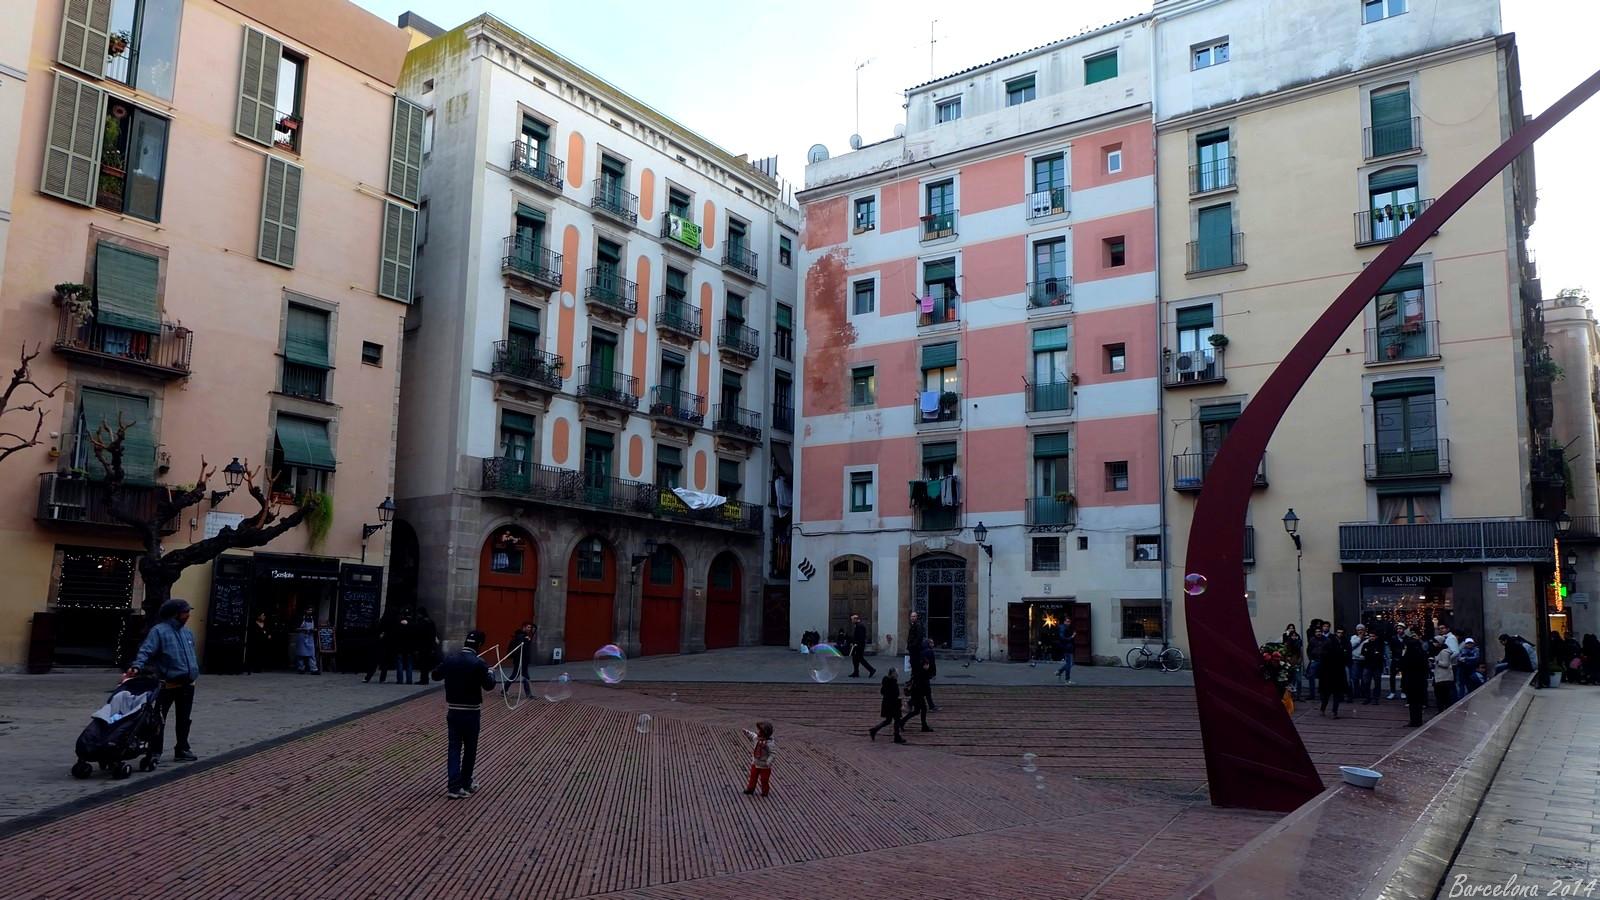 Barcelona day_1, plaça del fossar de les moreres